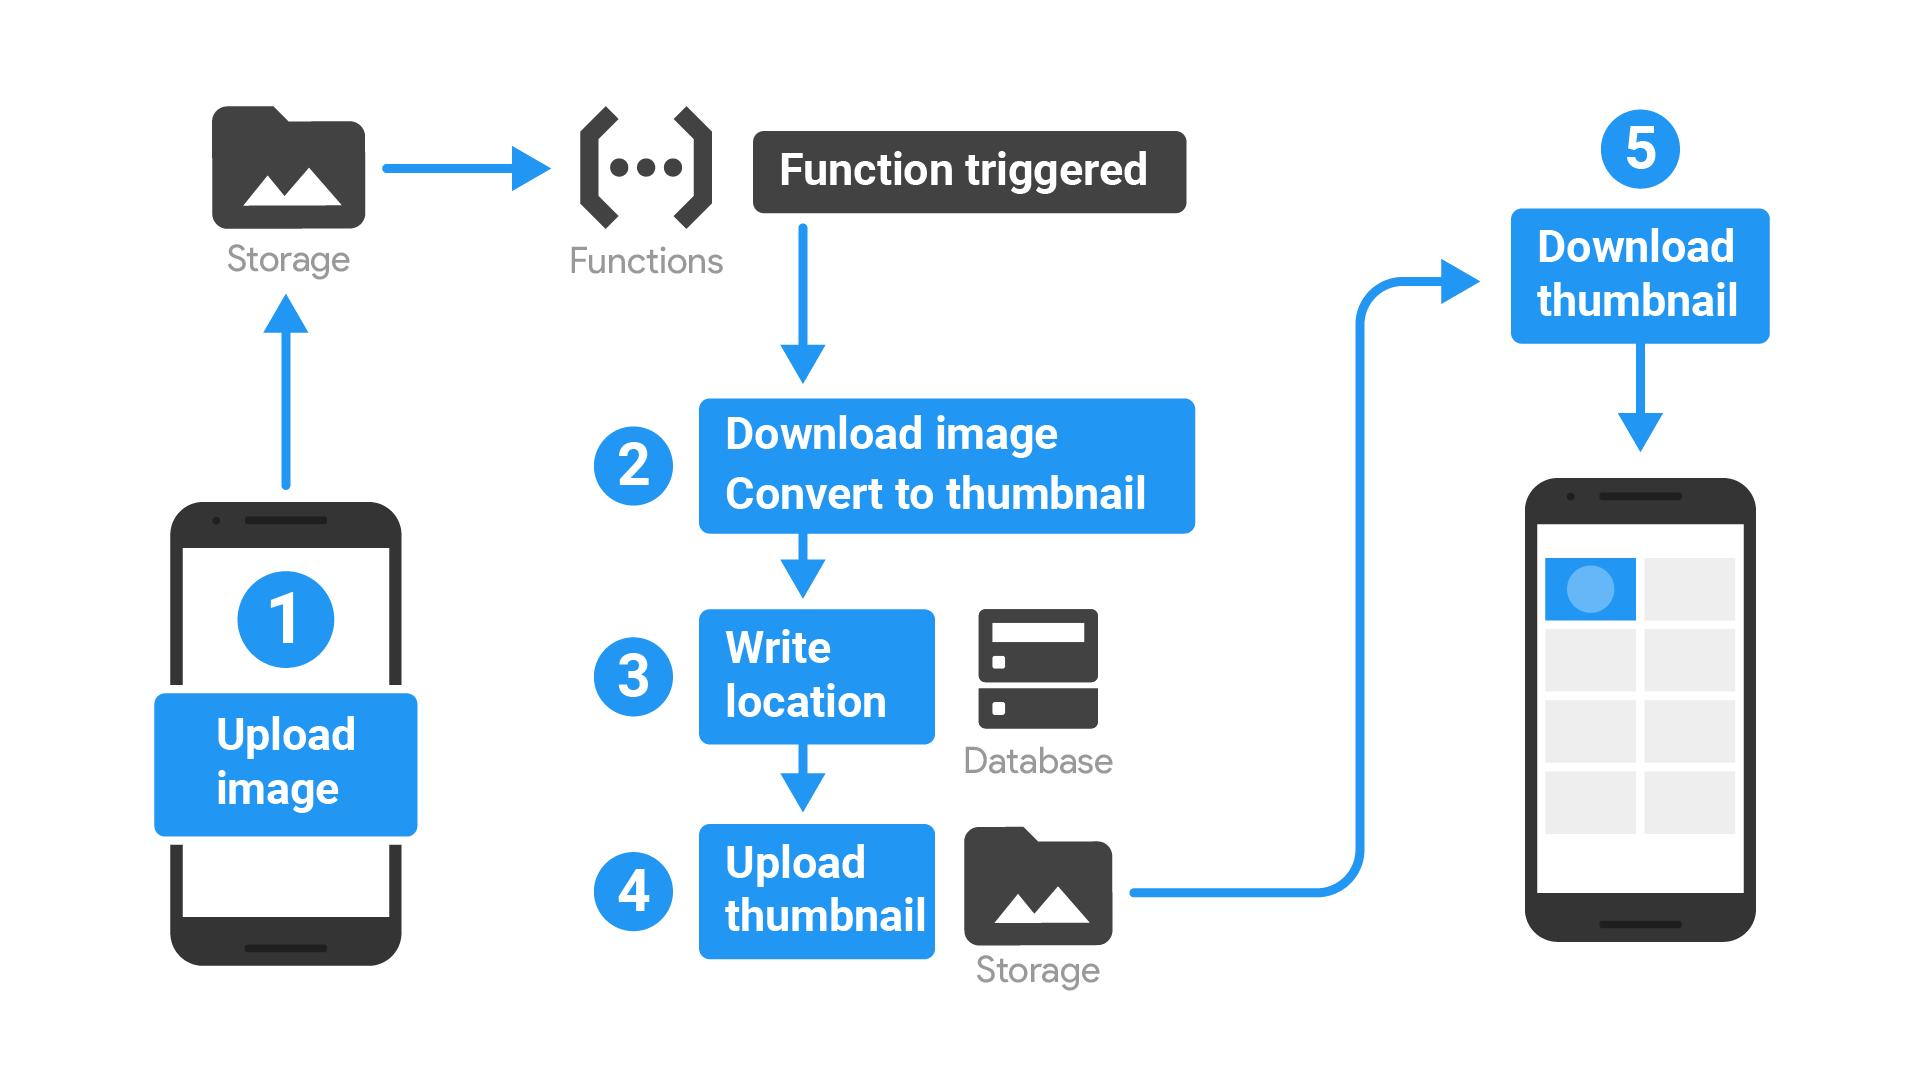 Schemat przedstawiający przepływ aplikacji opisany poniżej